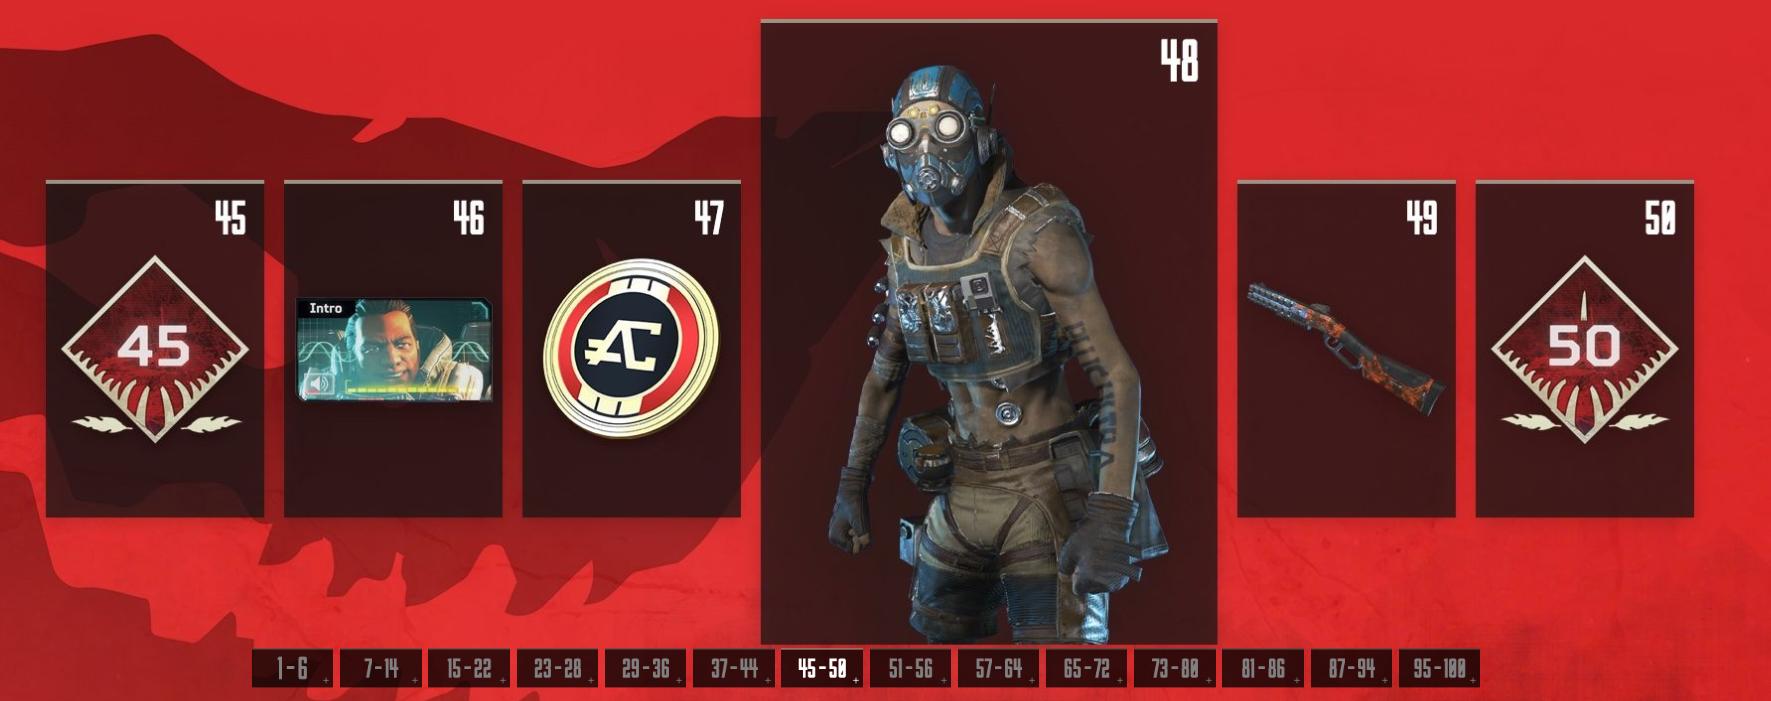 apex legends seizoen 1 rewards